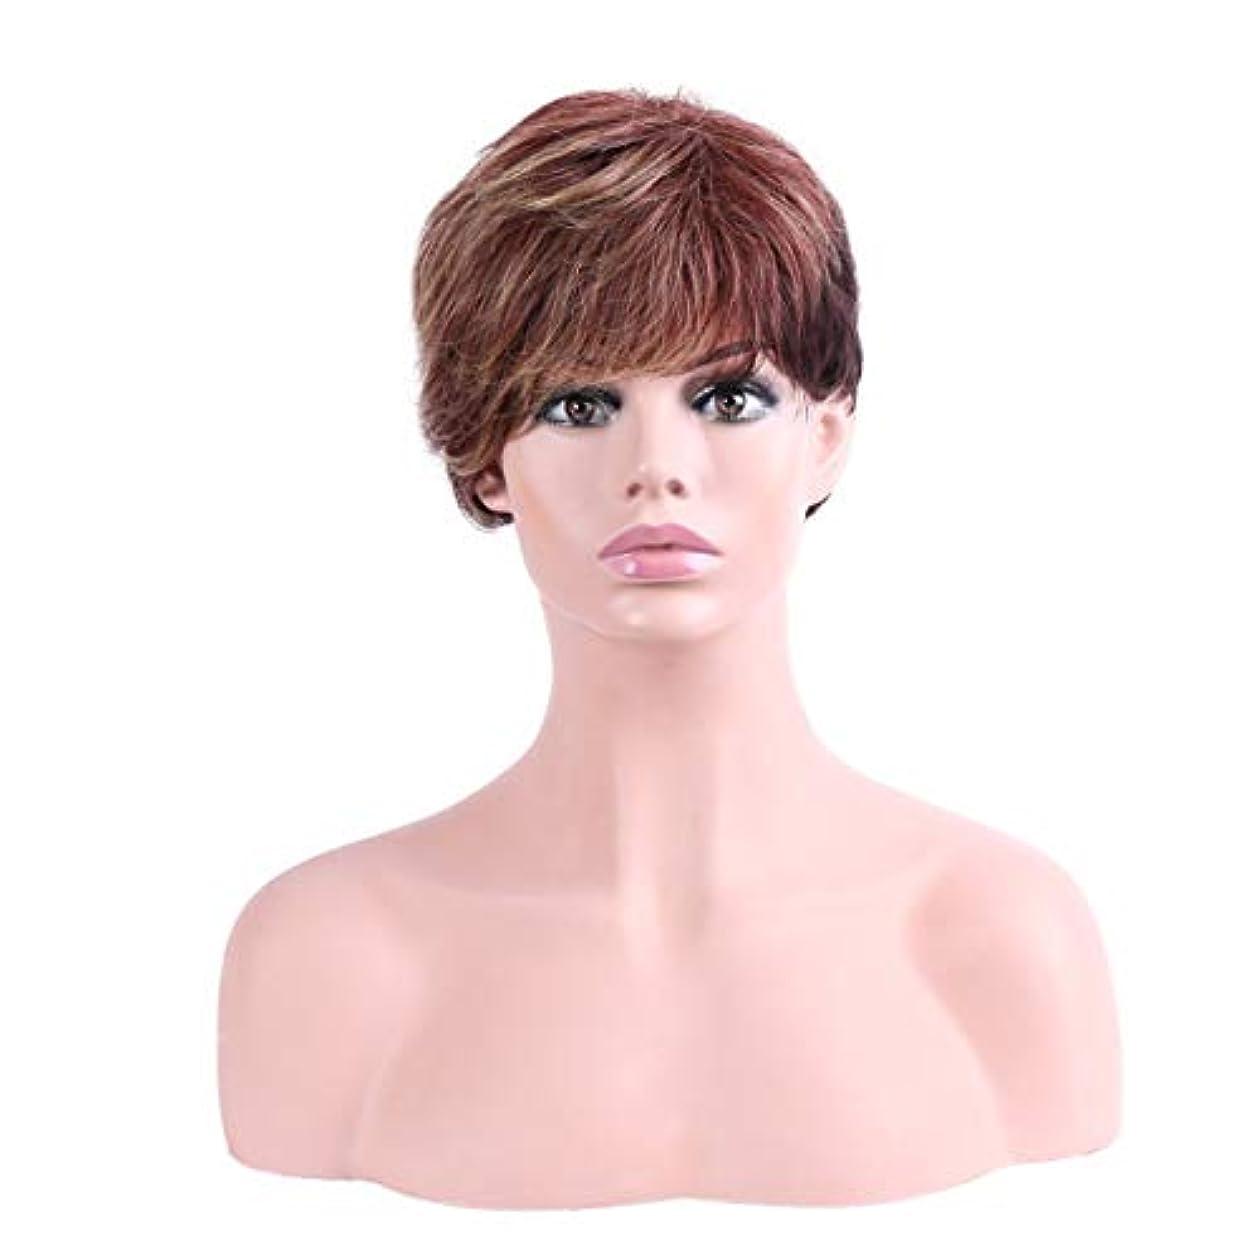 バン動作最後にYOUQIU 女性の耐熱ウィッグナチュラルヘアウィッグ用オンブル茶ショート傾斜部髪の天然、合成ウィッグ (色 : Ombre Brown)